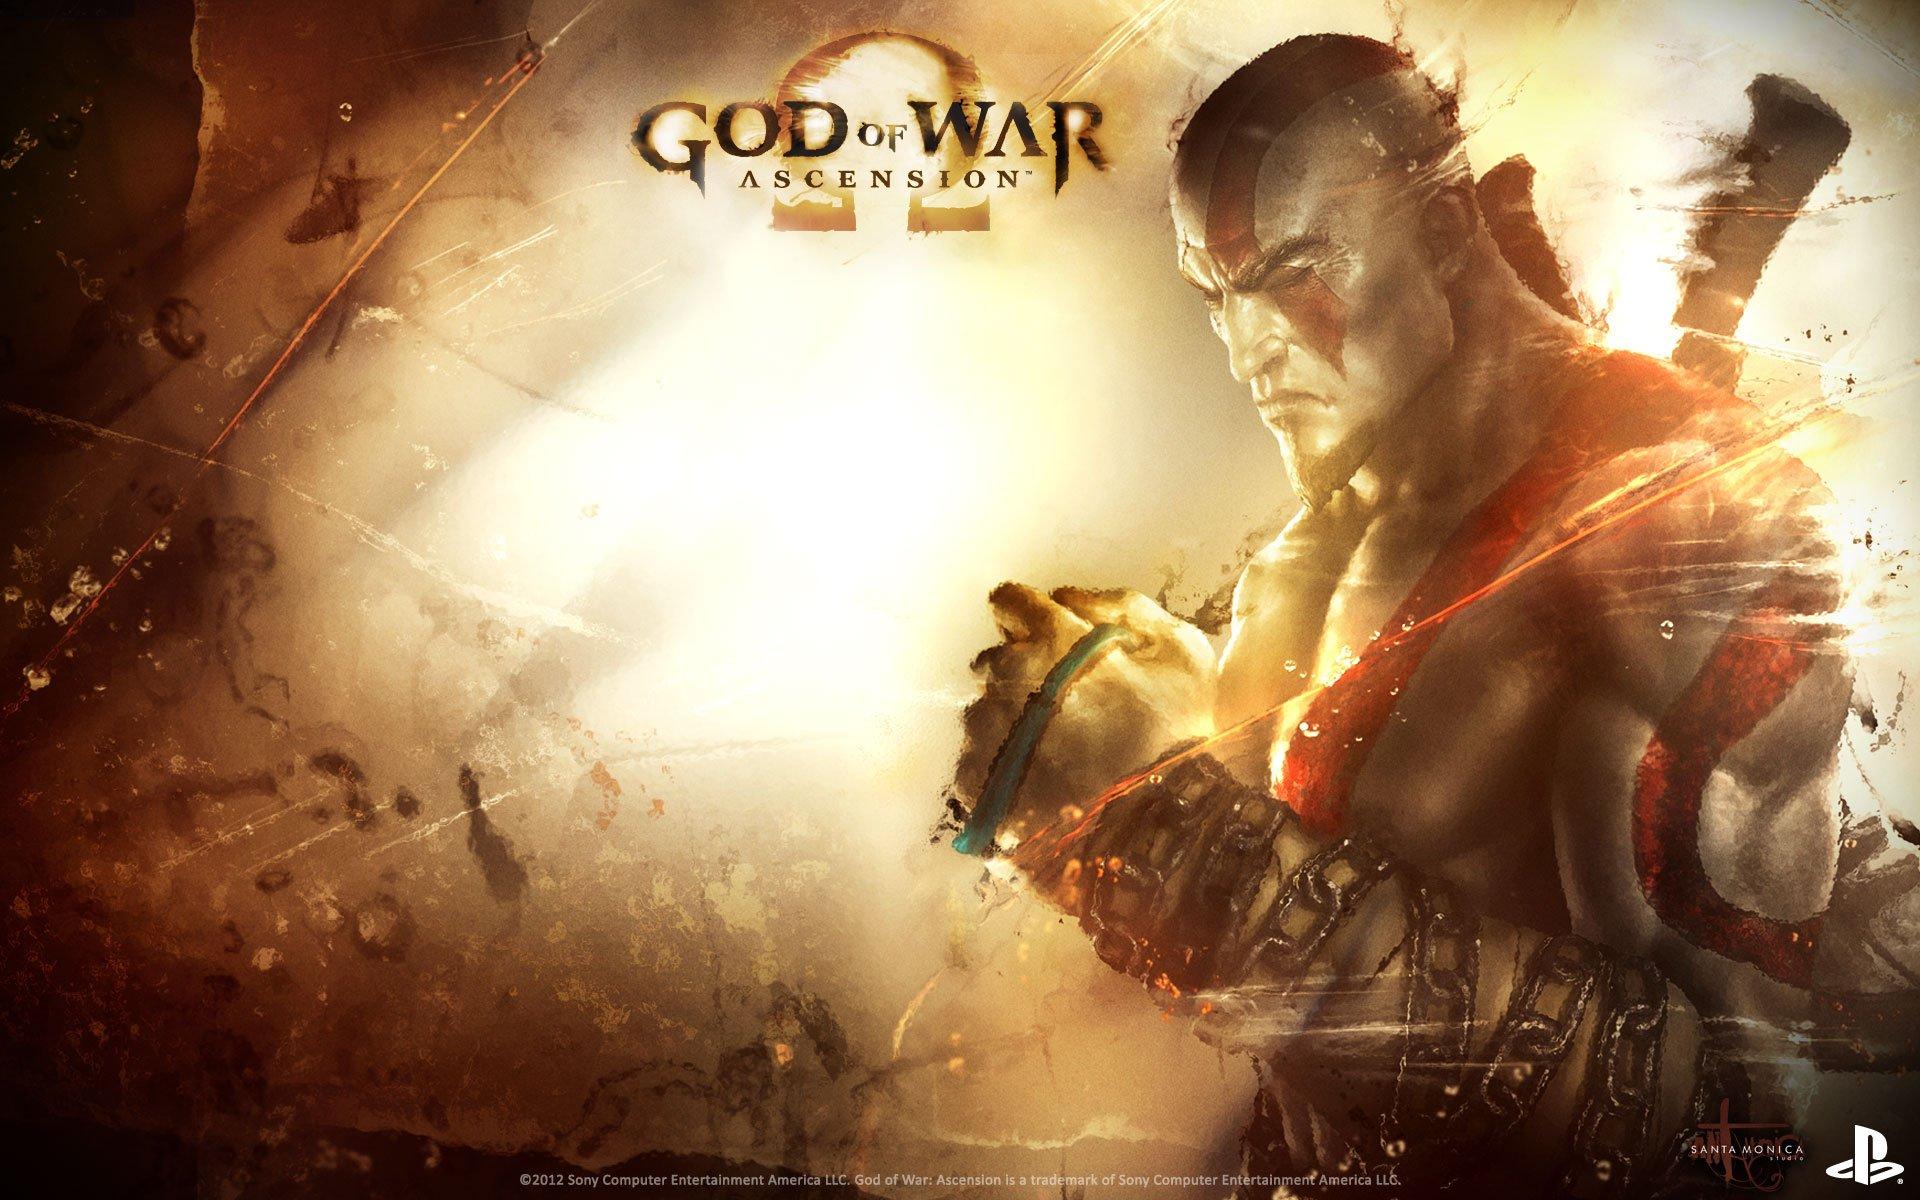 Сегодня в 18-30 на @Play стрим новой демо-версии God Of War: Ascension по раннему доступу, не пропустите! Далее по р ... - Изображение 1